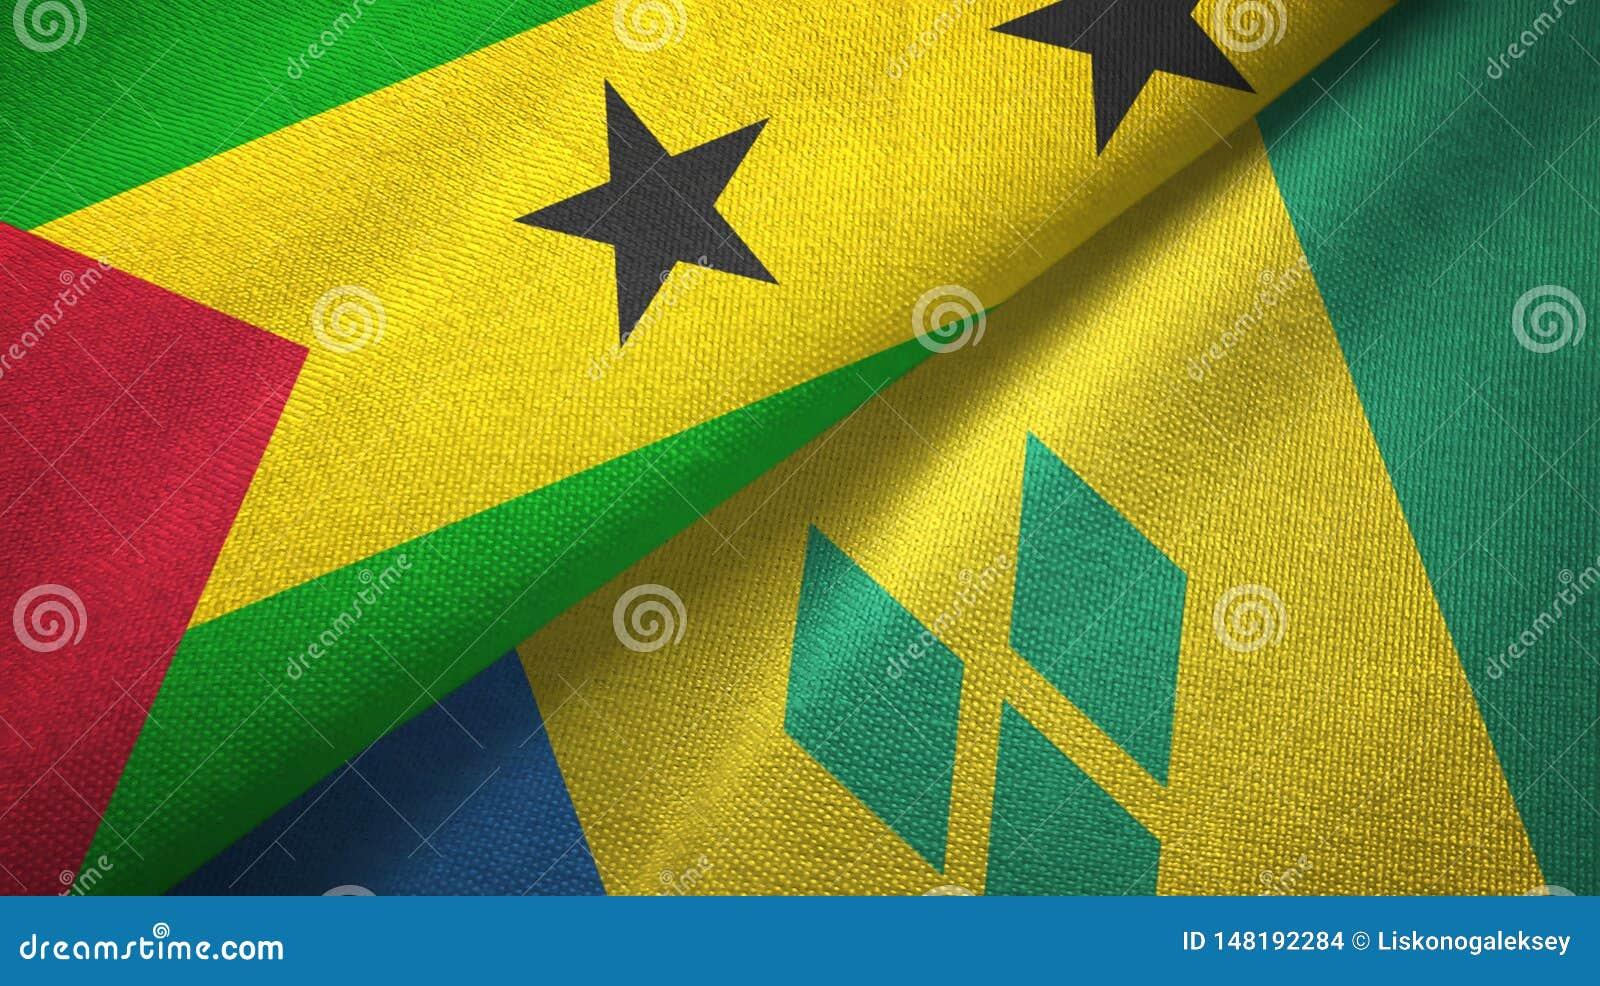 Σάο Τομέ και Πρίντσιπε και Άγιος Βικέντιος και Γρεναδίνες δύο σημαίες